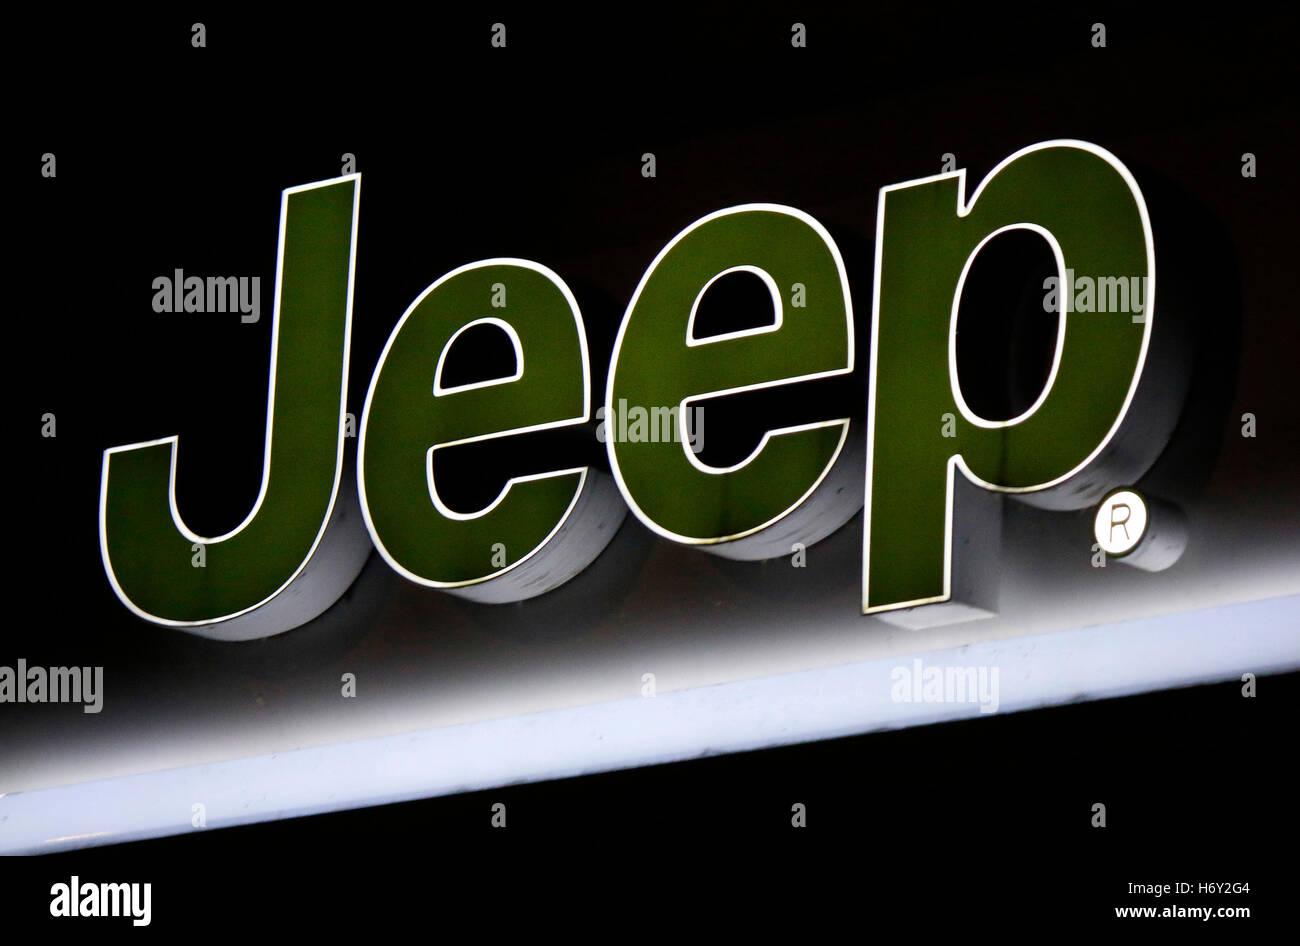 das Logo der Marke 'Jeep', Berlin. - Stock Image